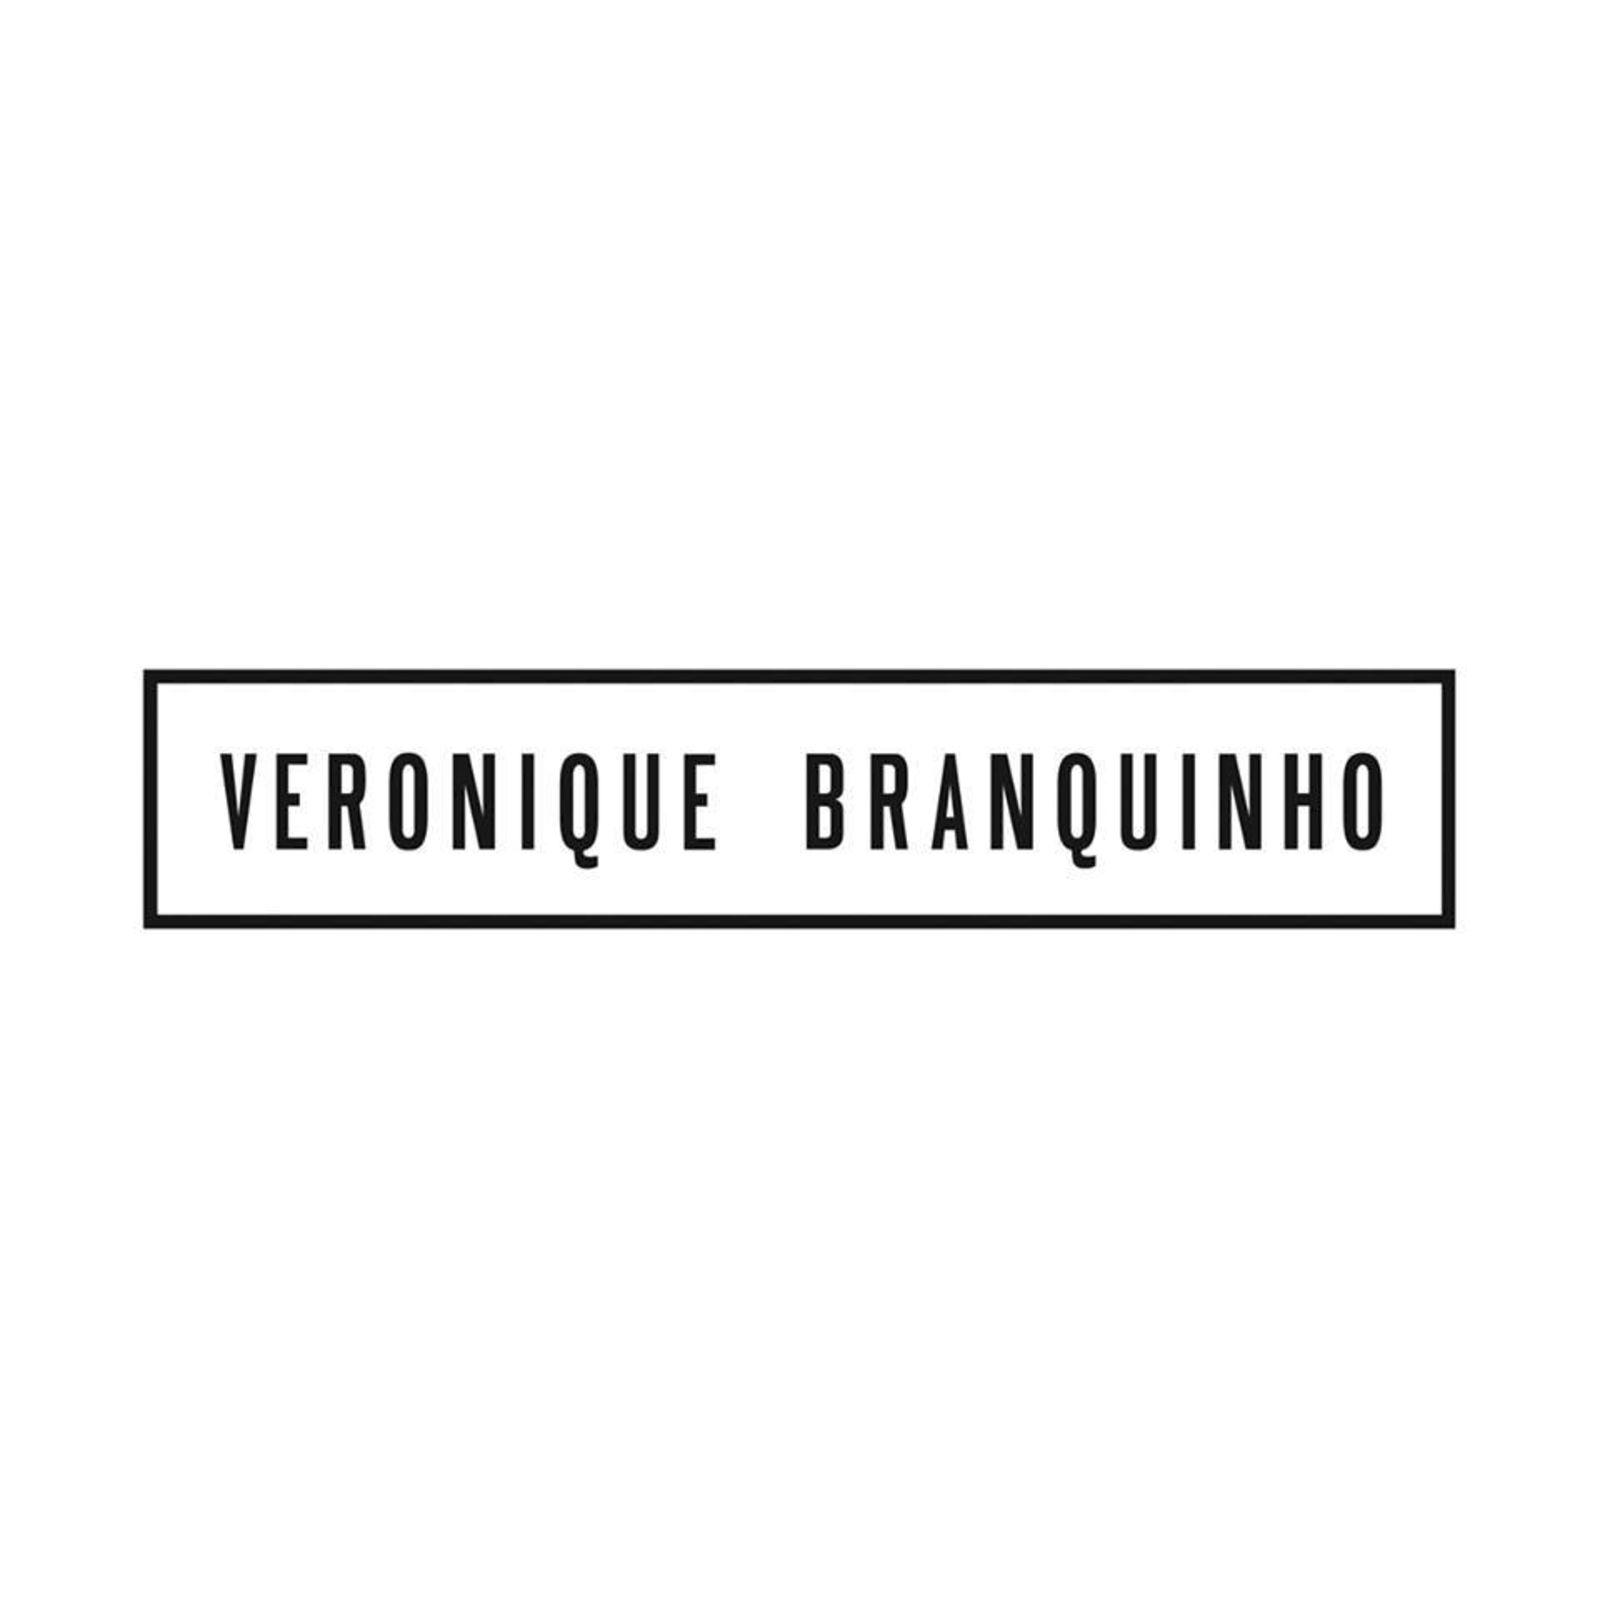 VERONIQUE BRANQUINHO